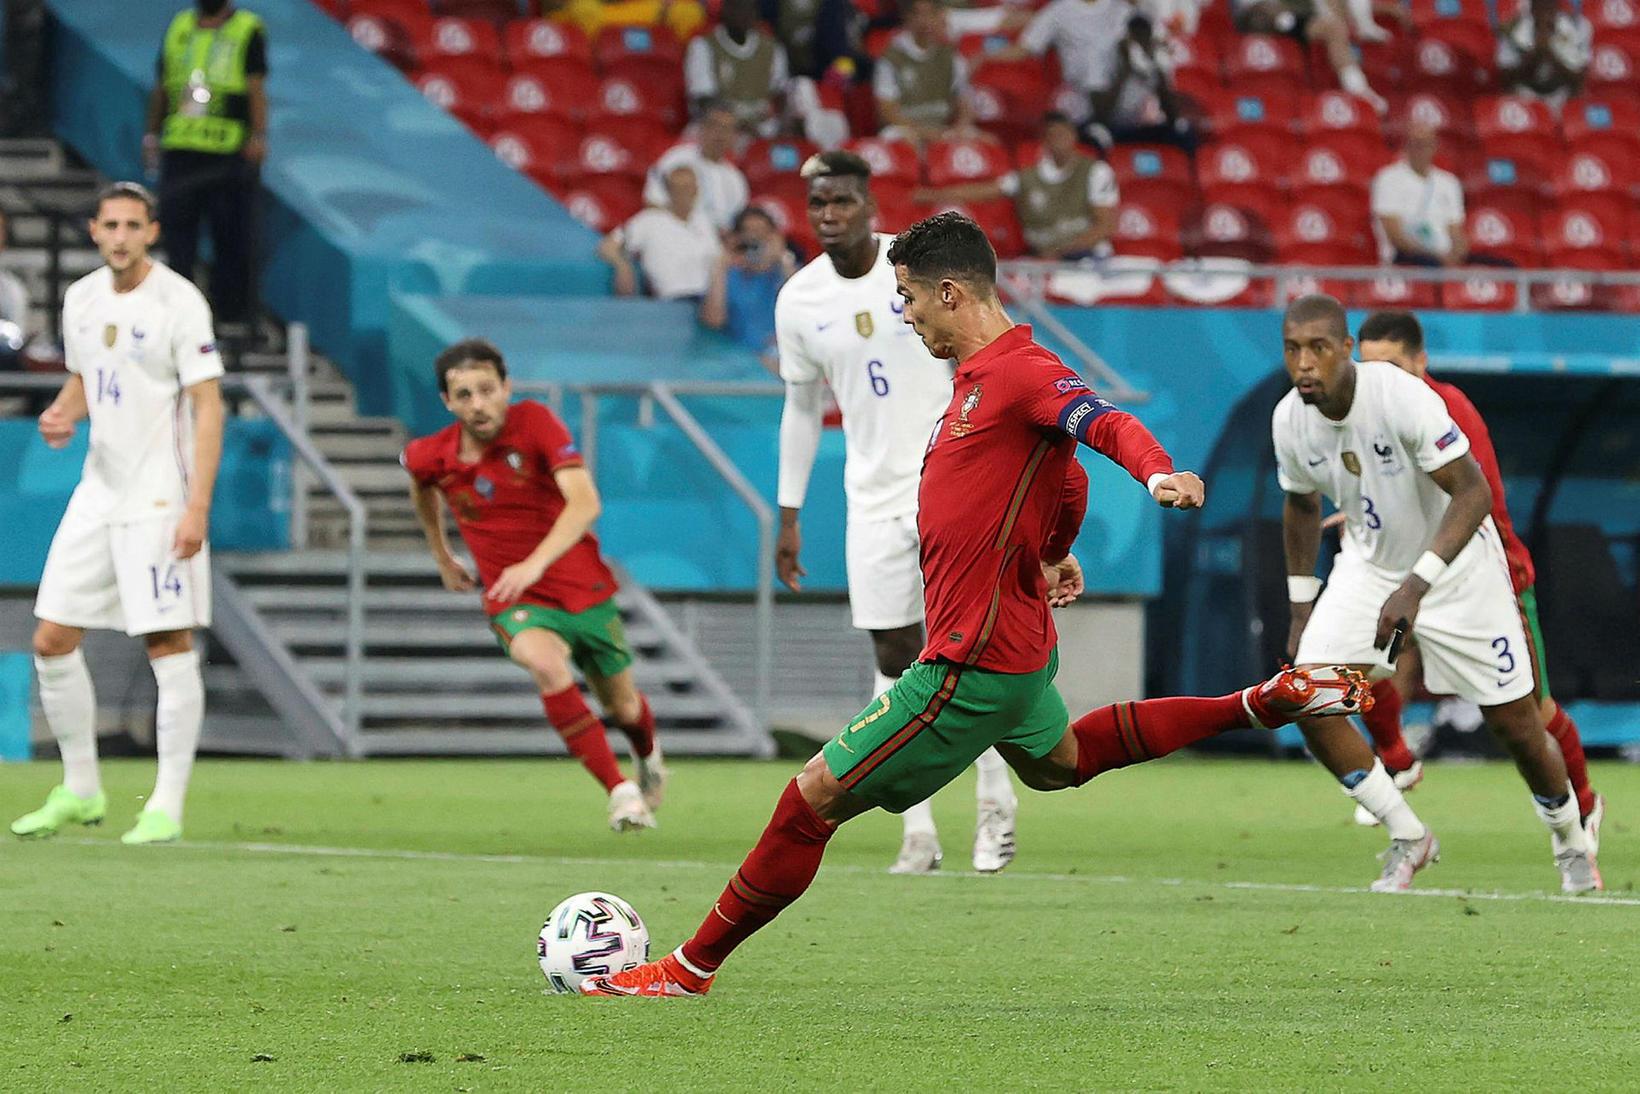 Cristiano Ronaldo skorar af vítapunktinum gegn Frökkum í kvöld.